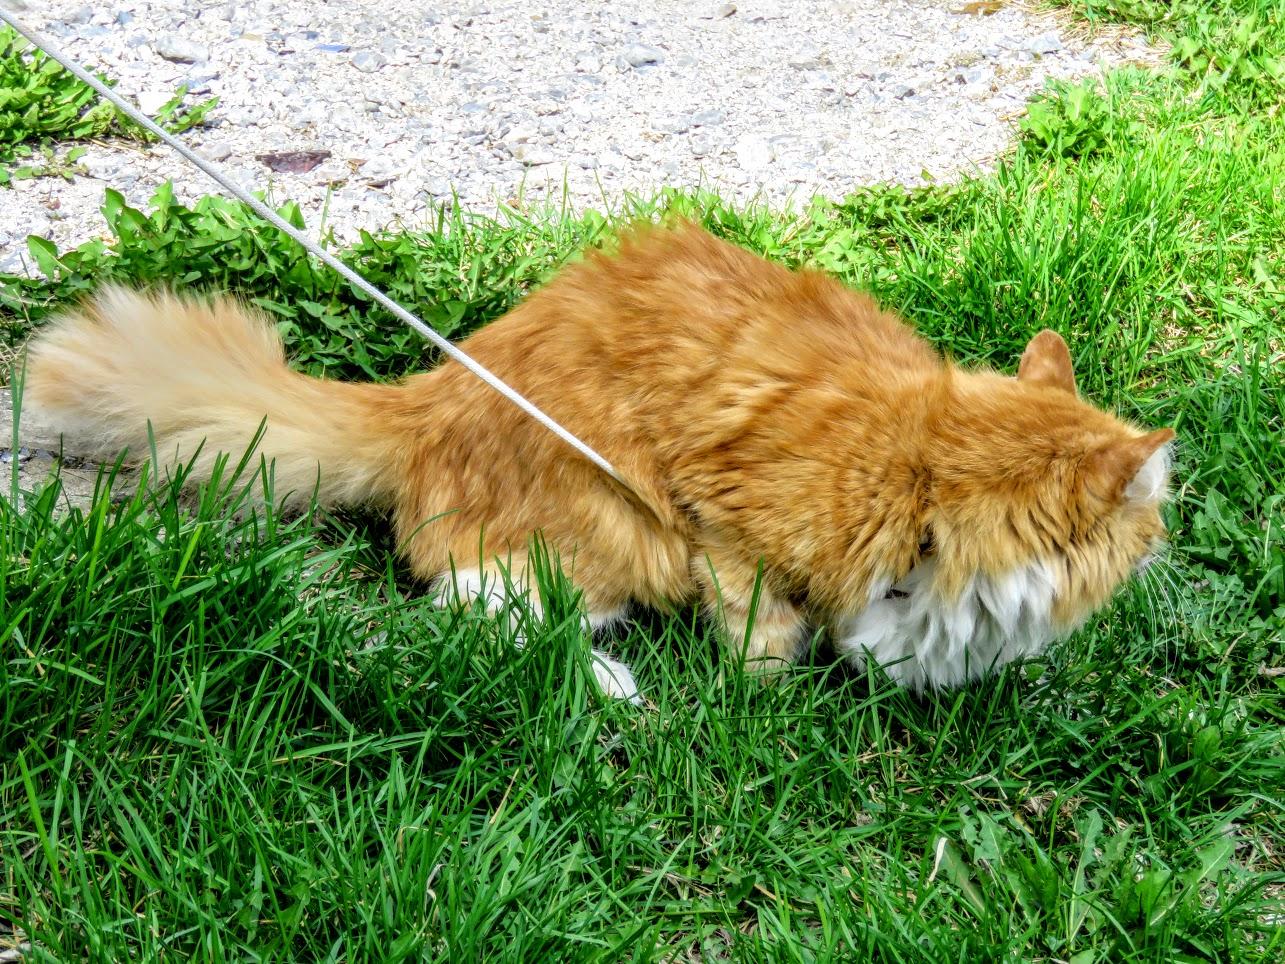 Фотоохота на чёрных коршунов. Рыжие котики и мороженое Сибирские голубые ели) IMG 9915